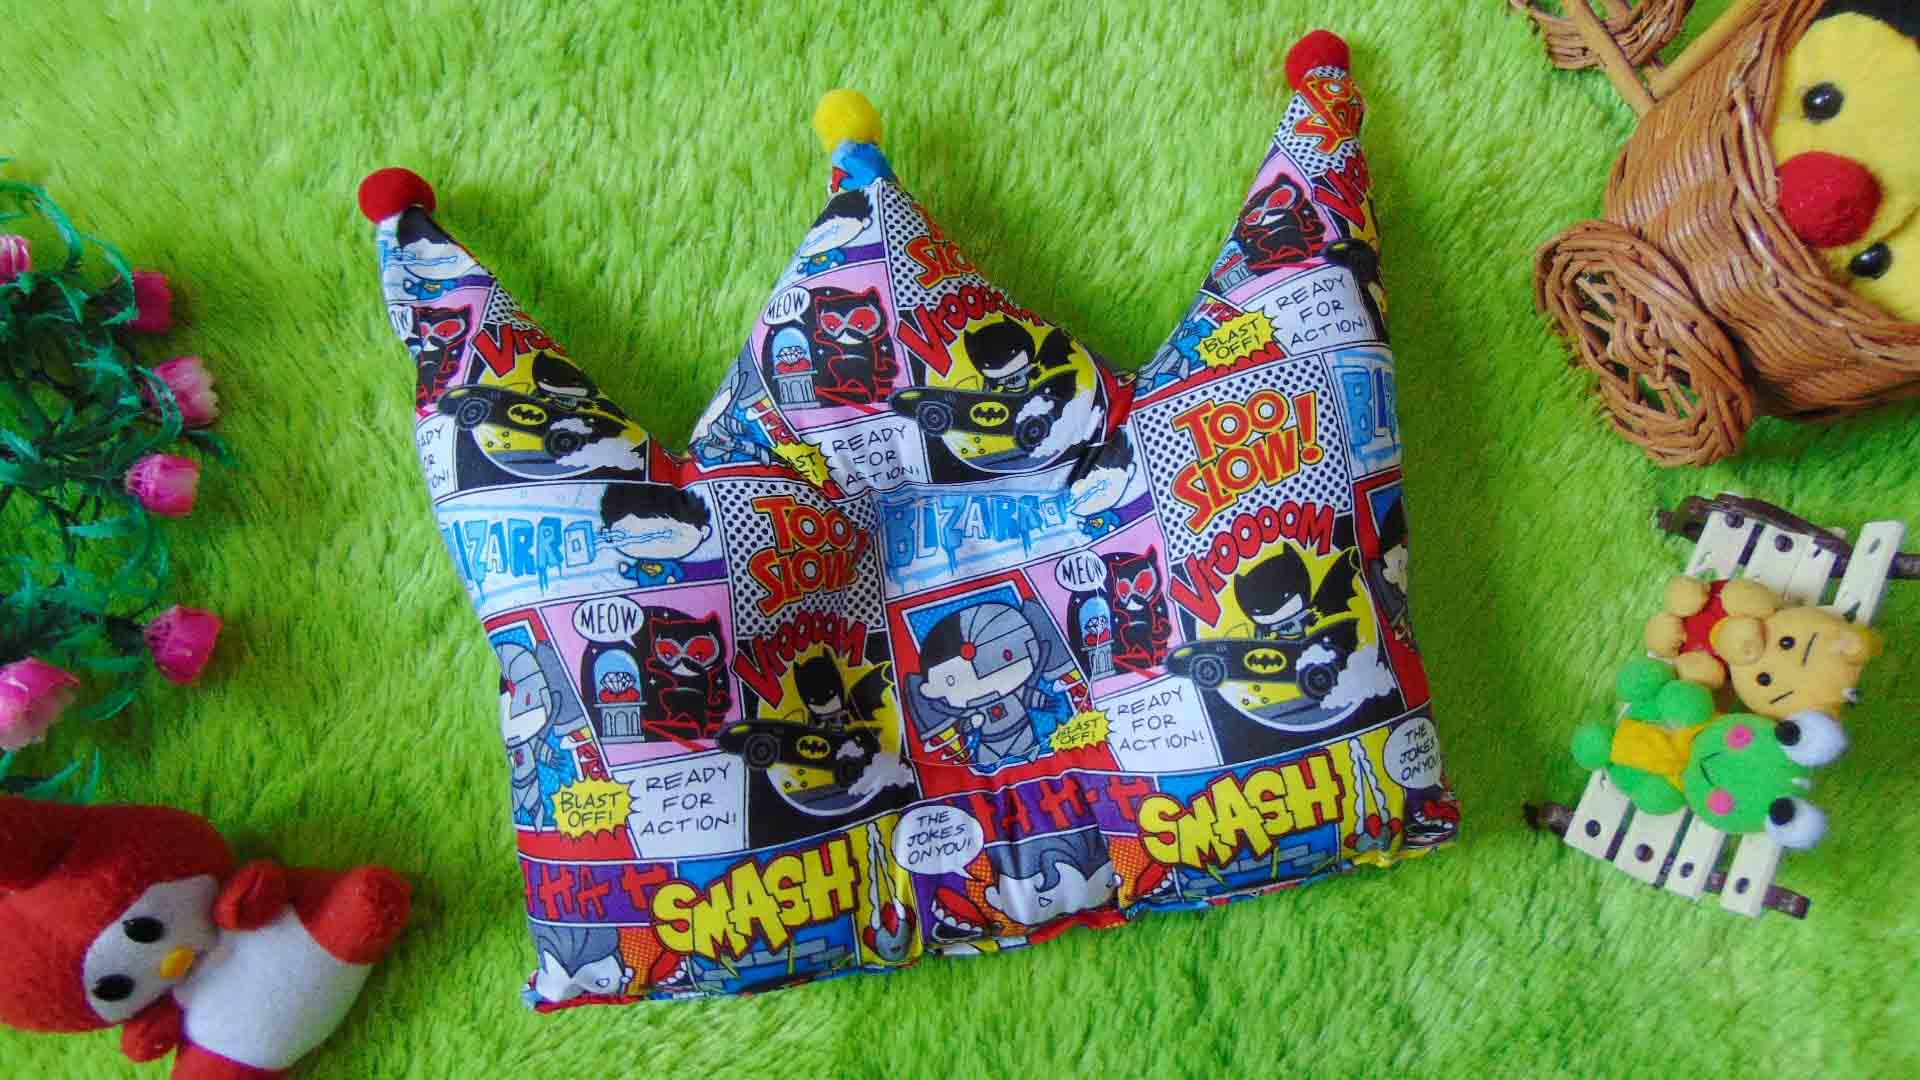 kado bayi Bantal mahkota crown pillow bantal peyang Peang bayi baby motif komik batman 37